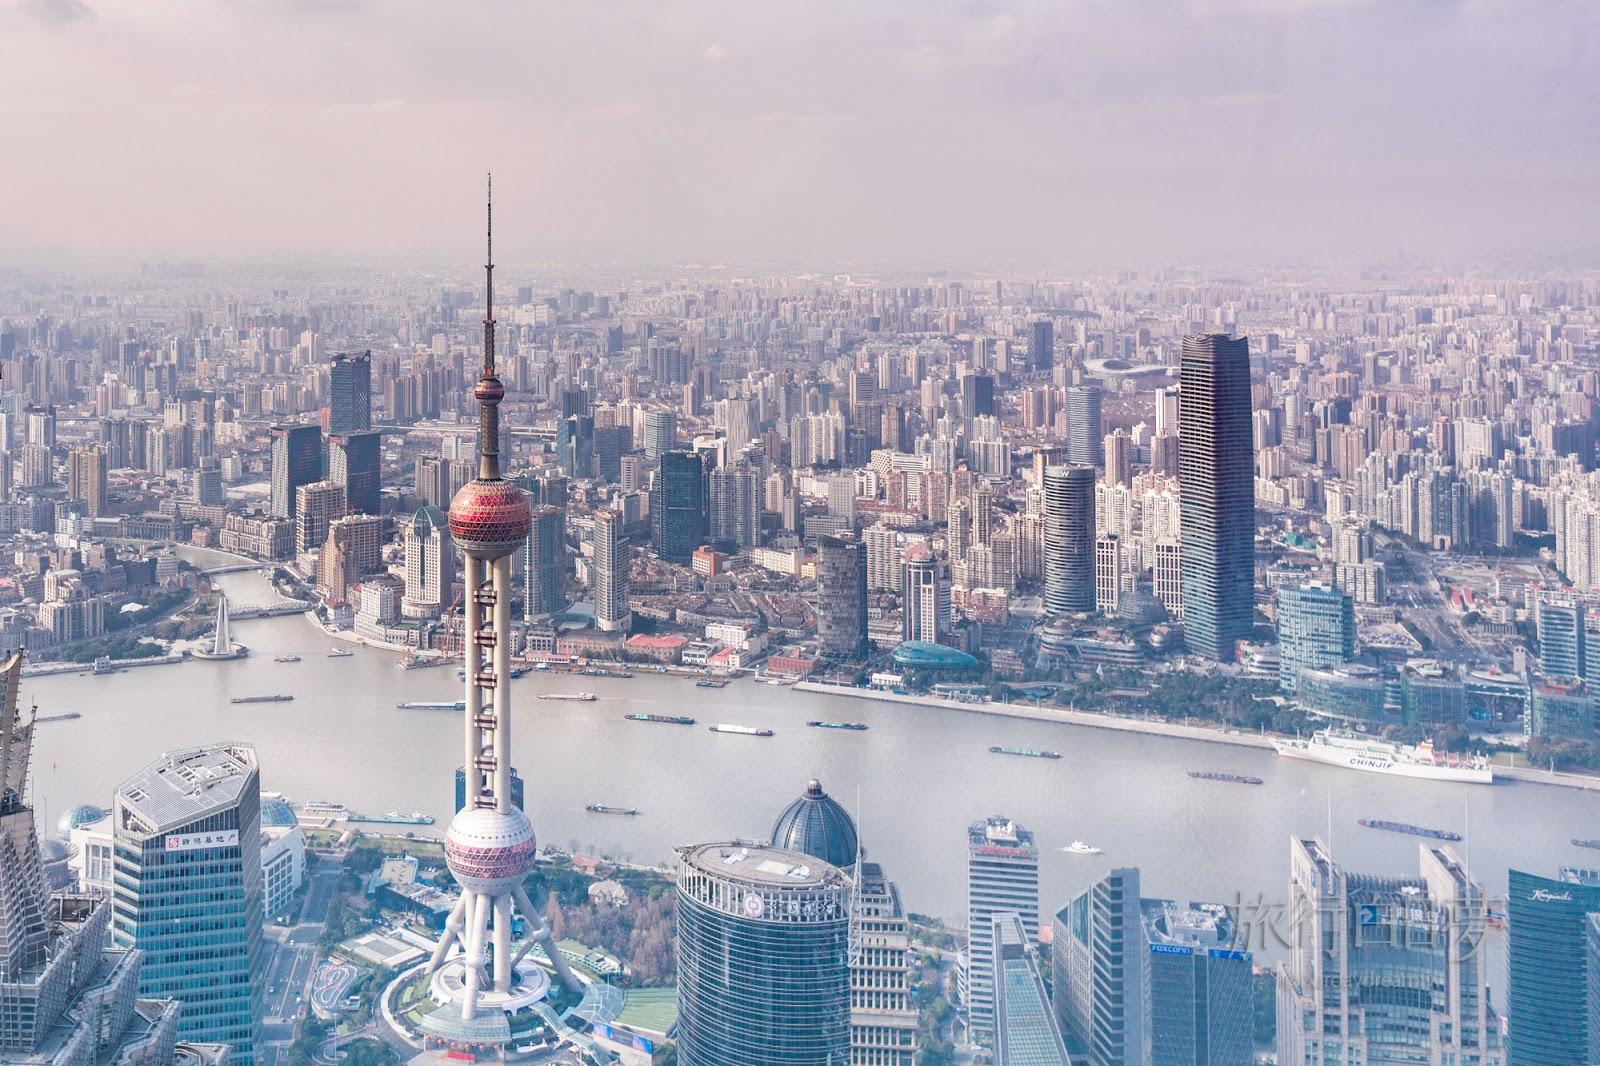 上海黃浦區│上海中心大廈-世界第二高樓&外灘萬國建築群-浦東浦西魔都散步